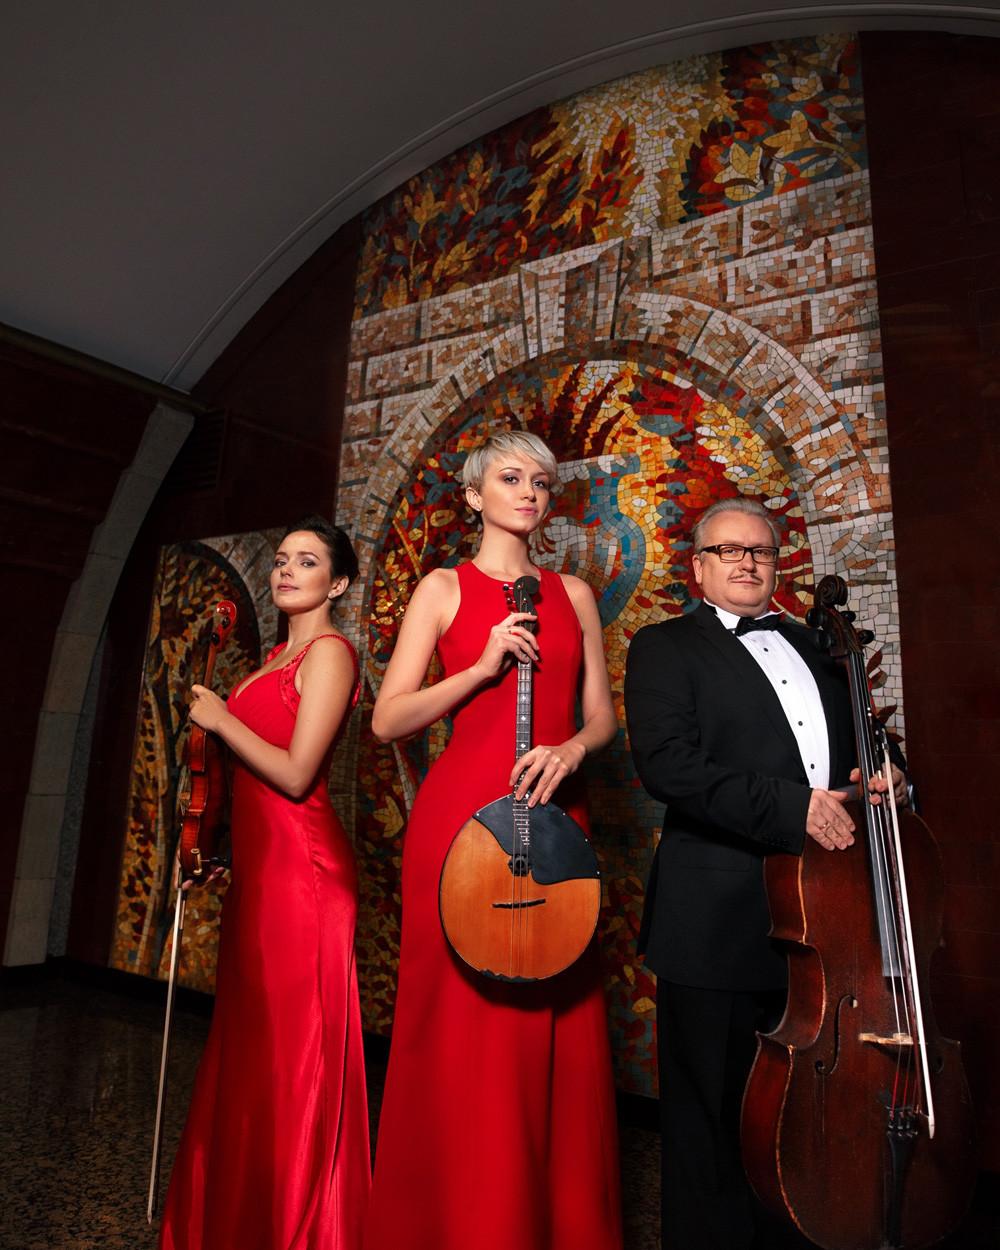 An der Bukarestskaja spielt ein tolles Trio auf: Die Musiker spielen oft unterirdische Konzerte und diese Station ist sicher eine der schönsten in ganz Sankt Petersburg. Das Mosaik an der Wand zeigt einen Vogel, das Symbol für Liebe und Wärme.